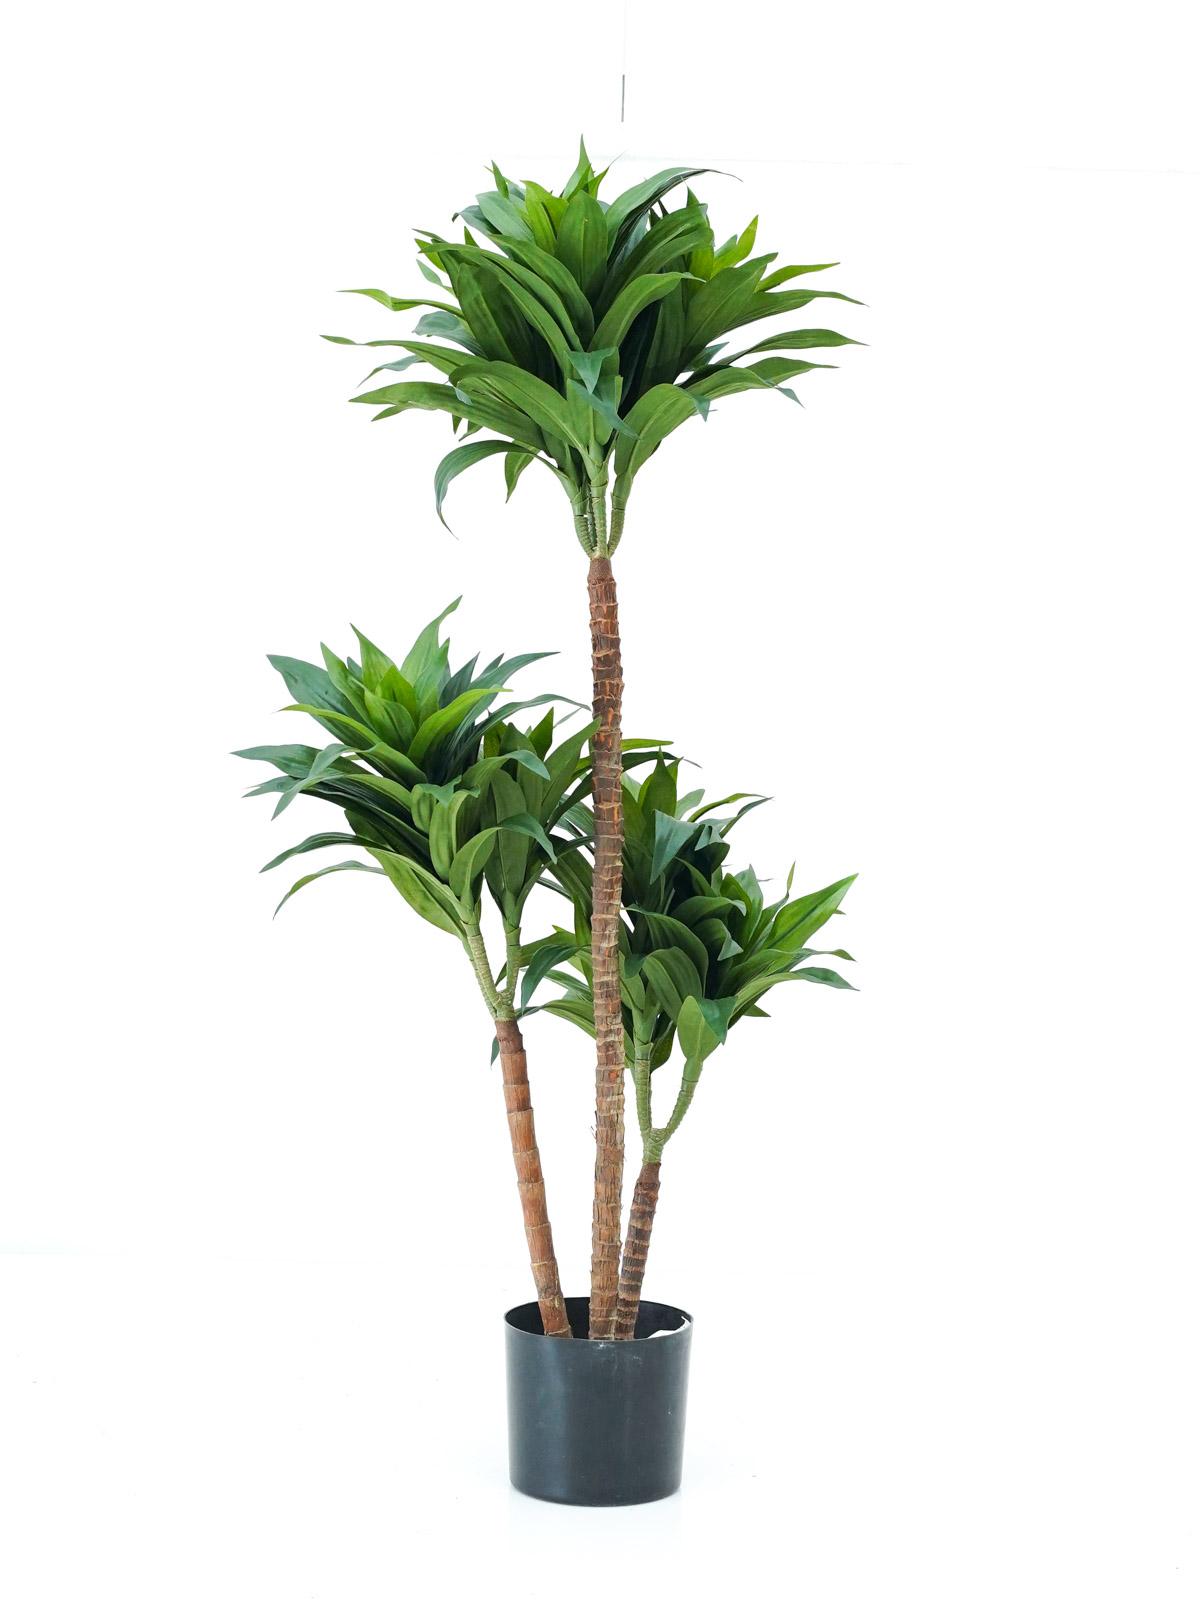 شجرة دراسينا فراجرانس - صغير 'نباتات اصطناعية'